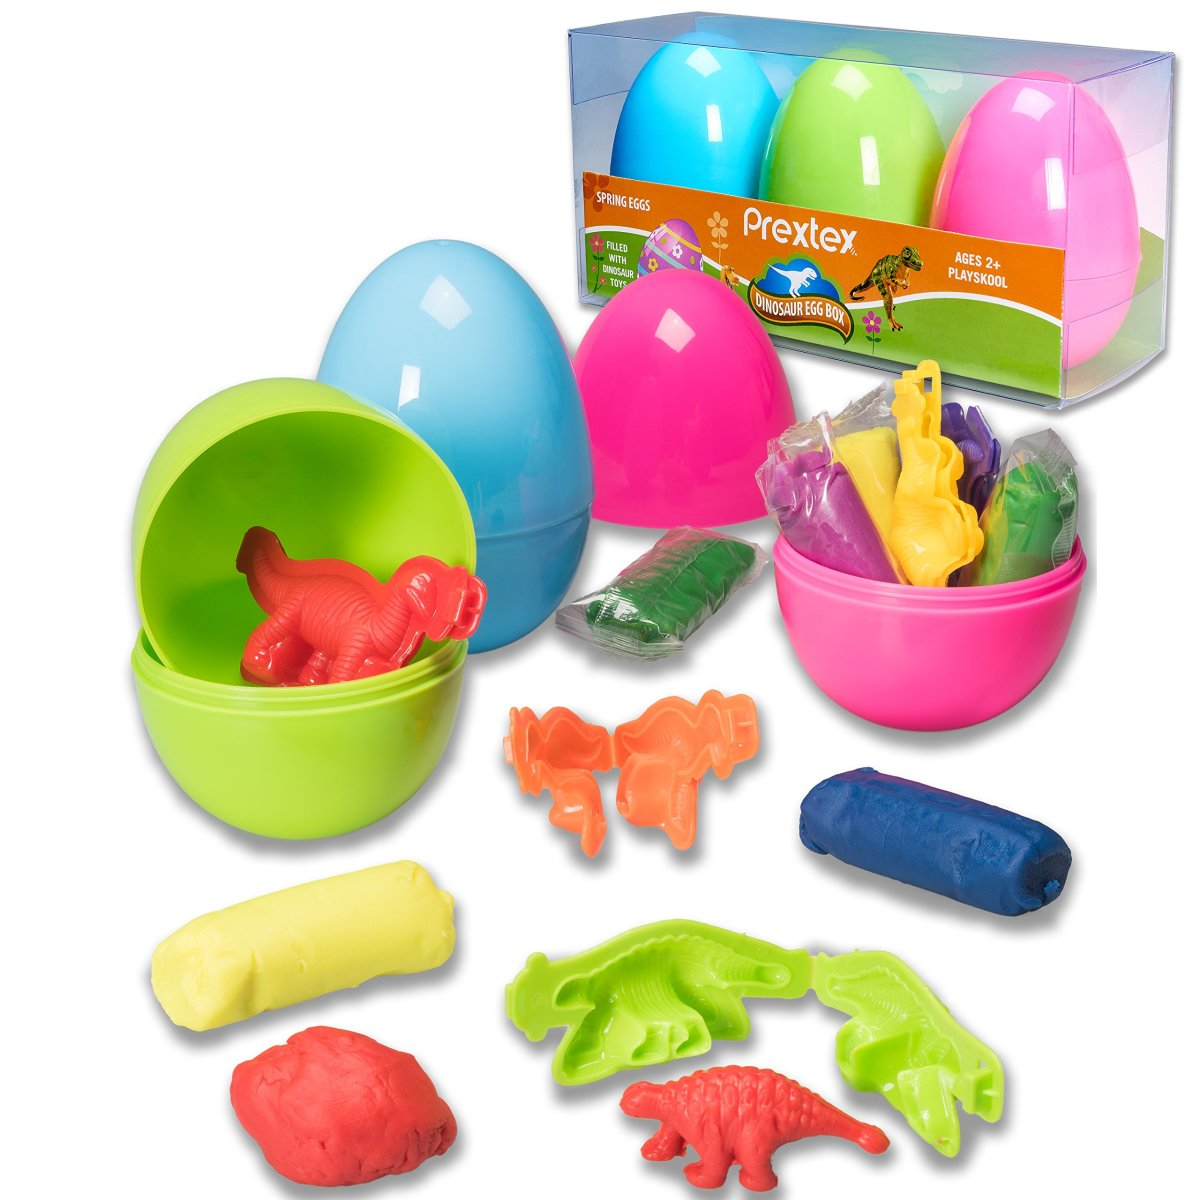 Dyed Le Dinosaur Eggs Nest